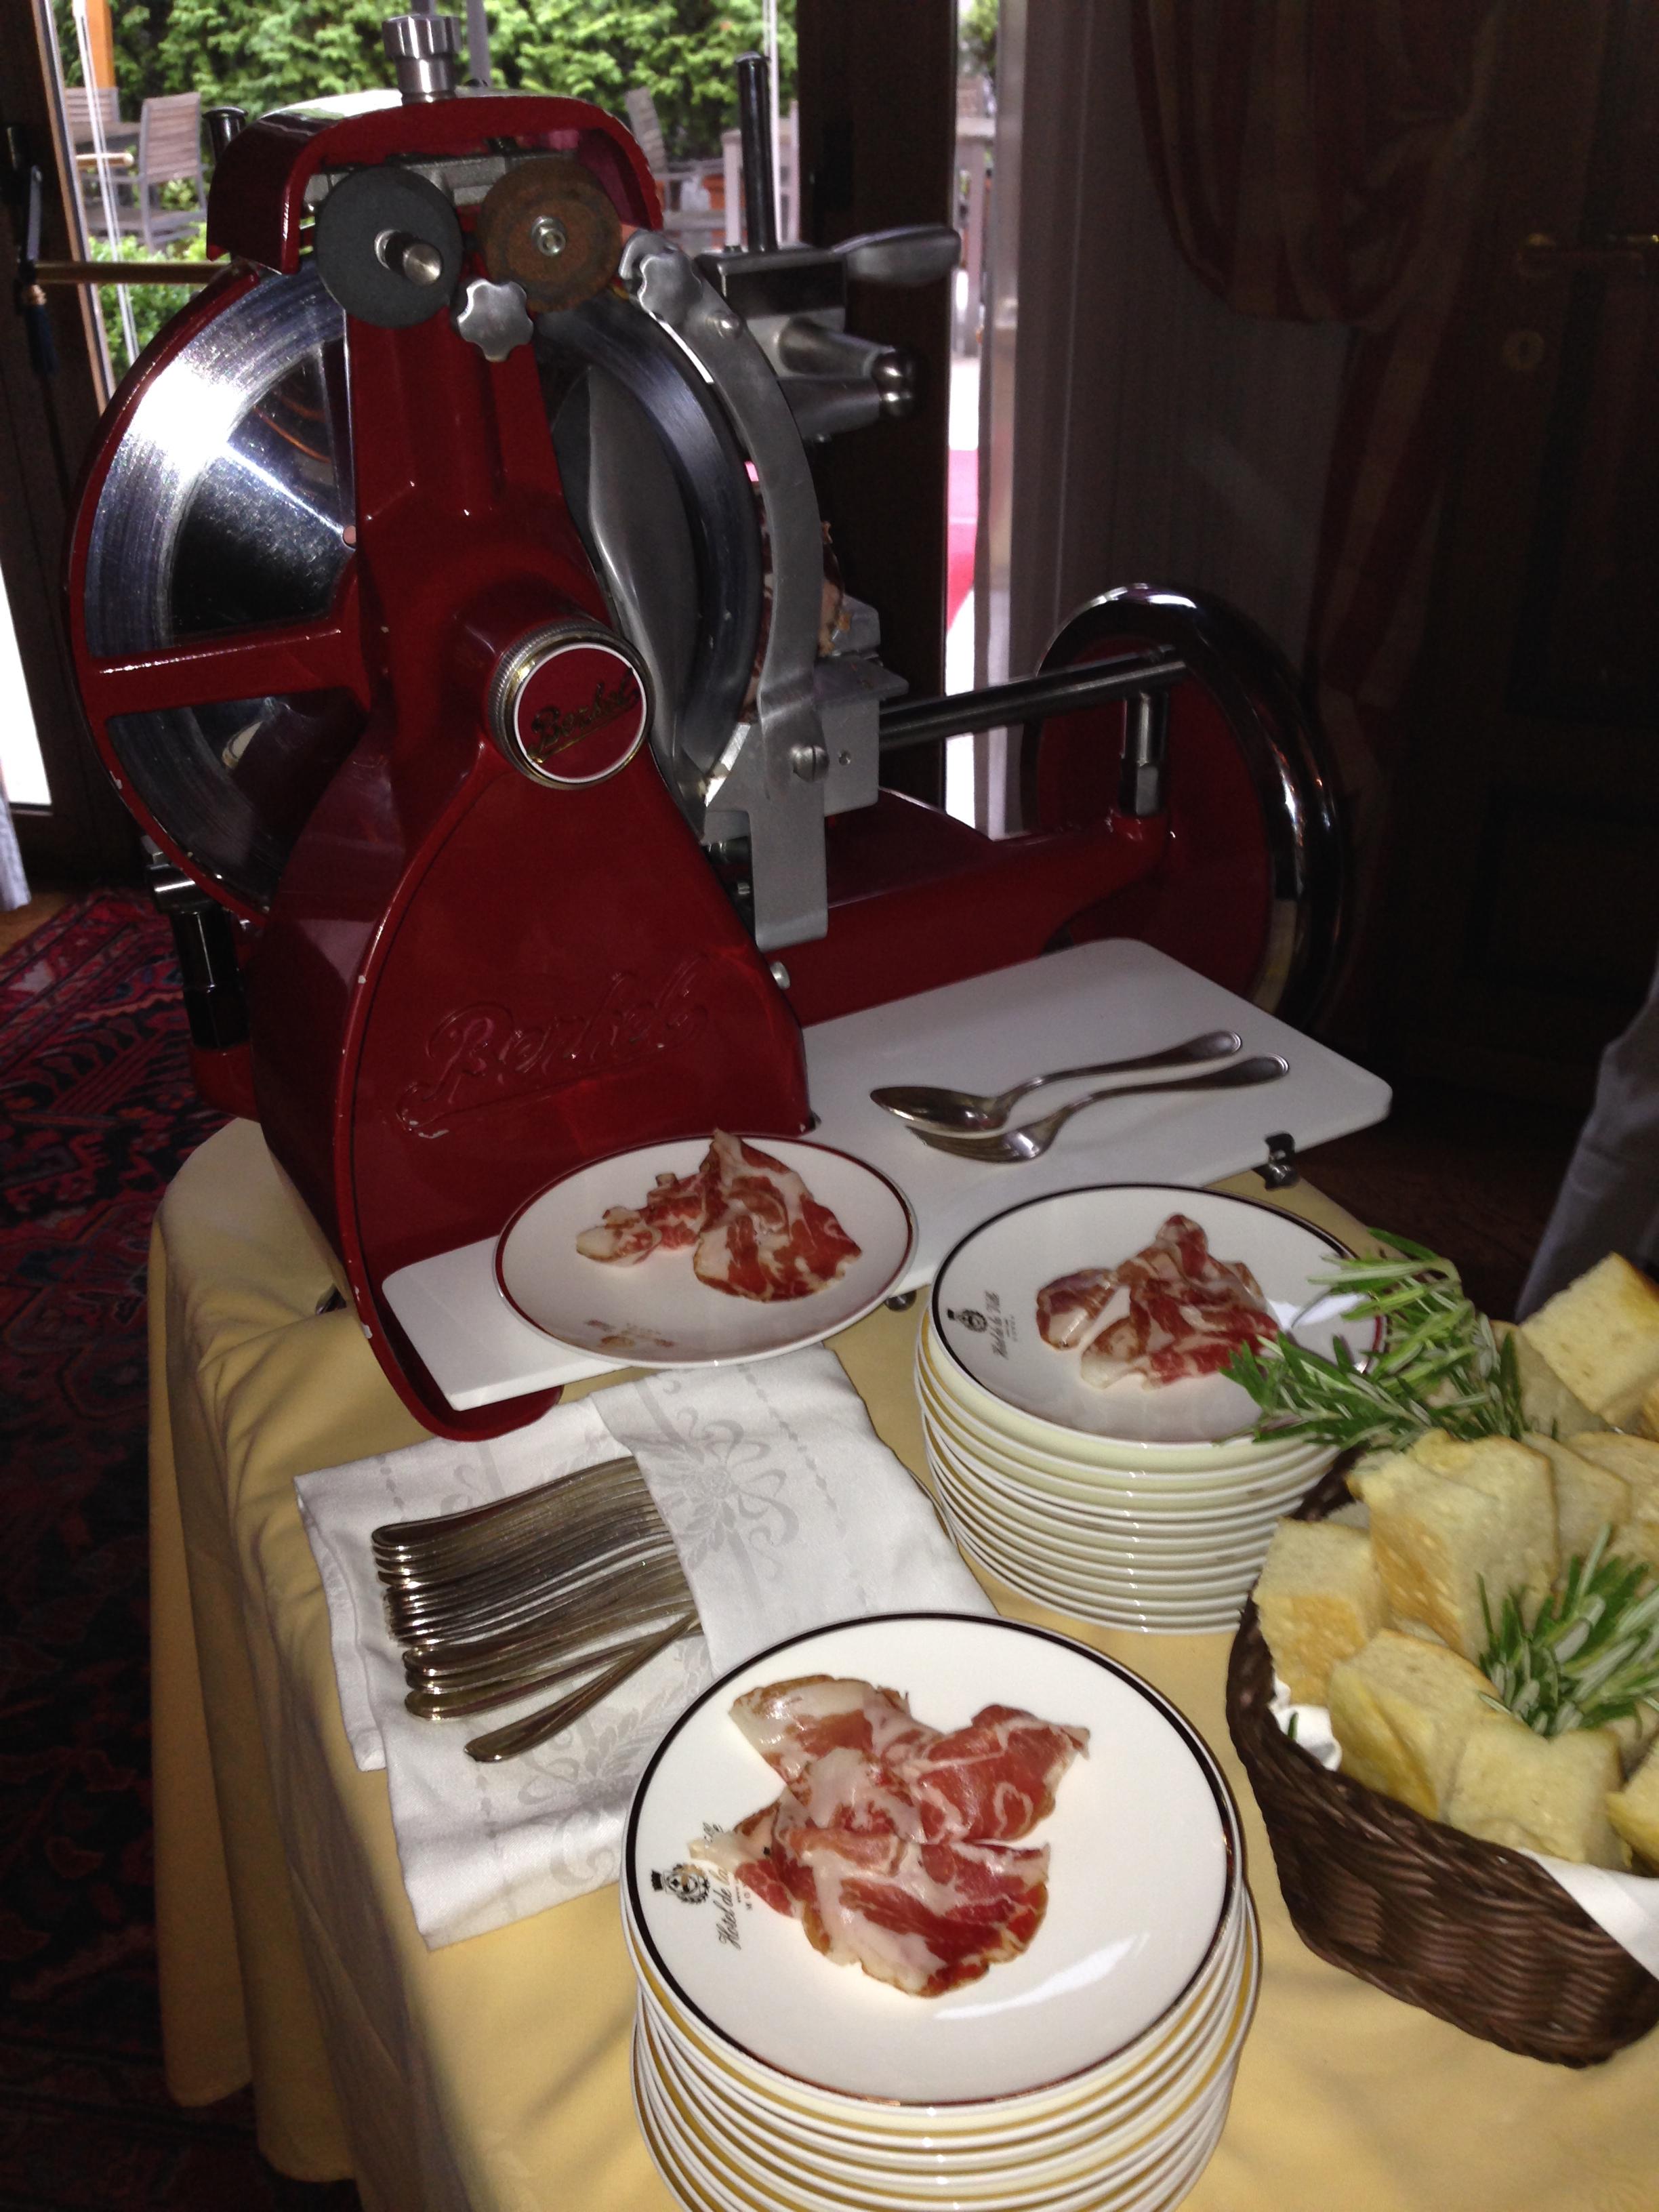 img_3272 Pausa pranzo al ristorante Deby Grill presso l'Hote de la Ville a Monza